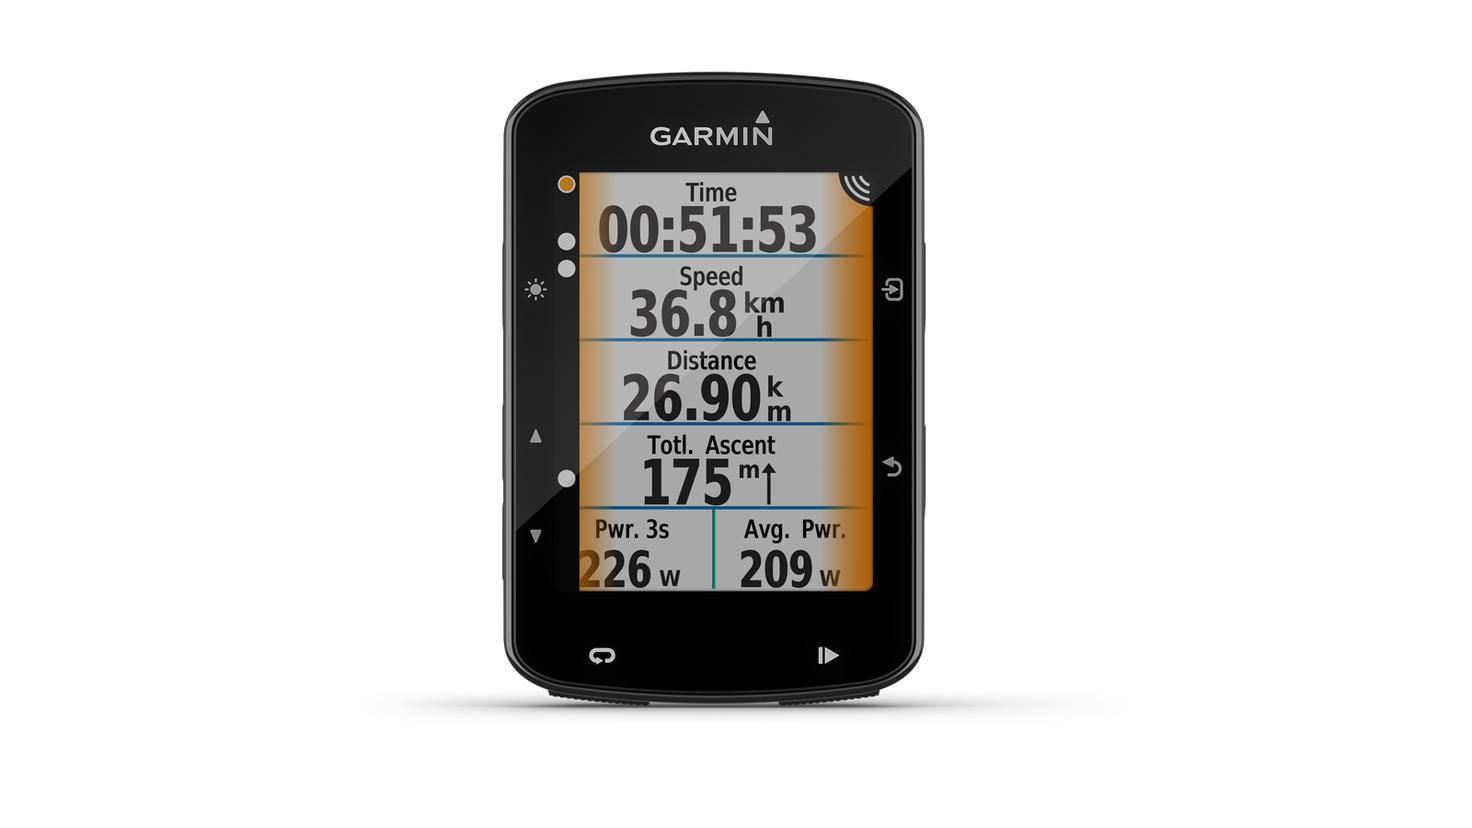 Fahrradnavi Garmin Edge 520 Plus